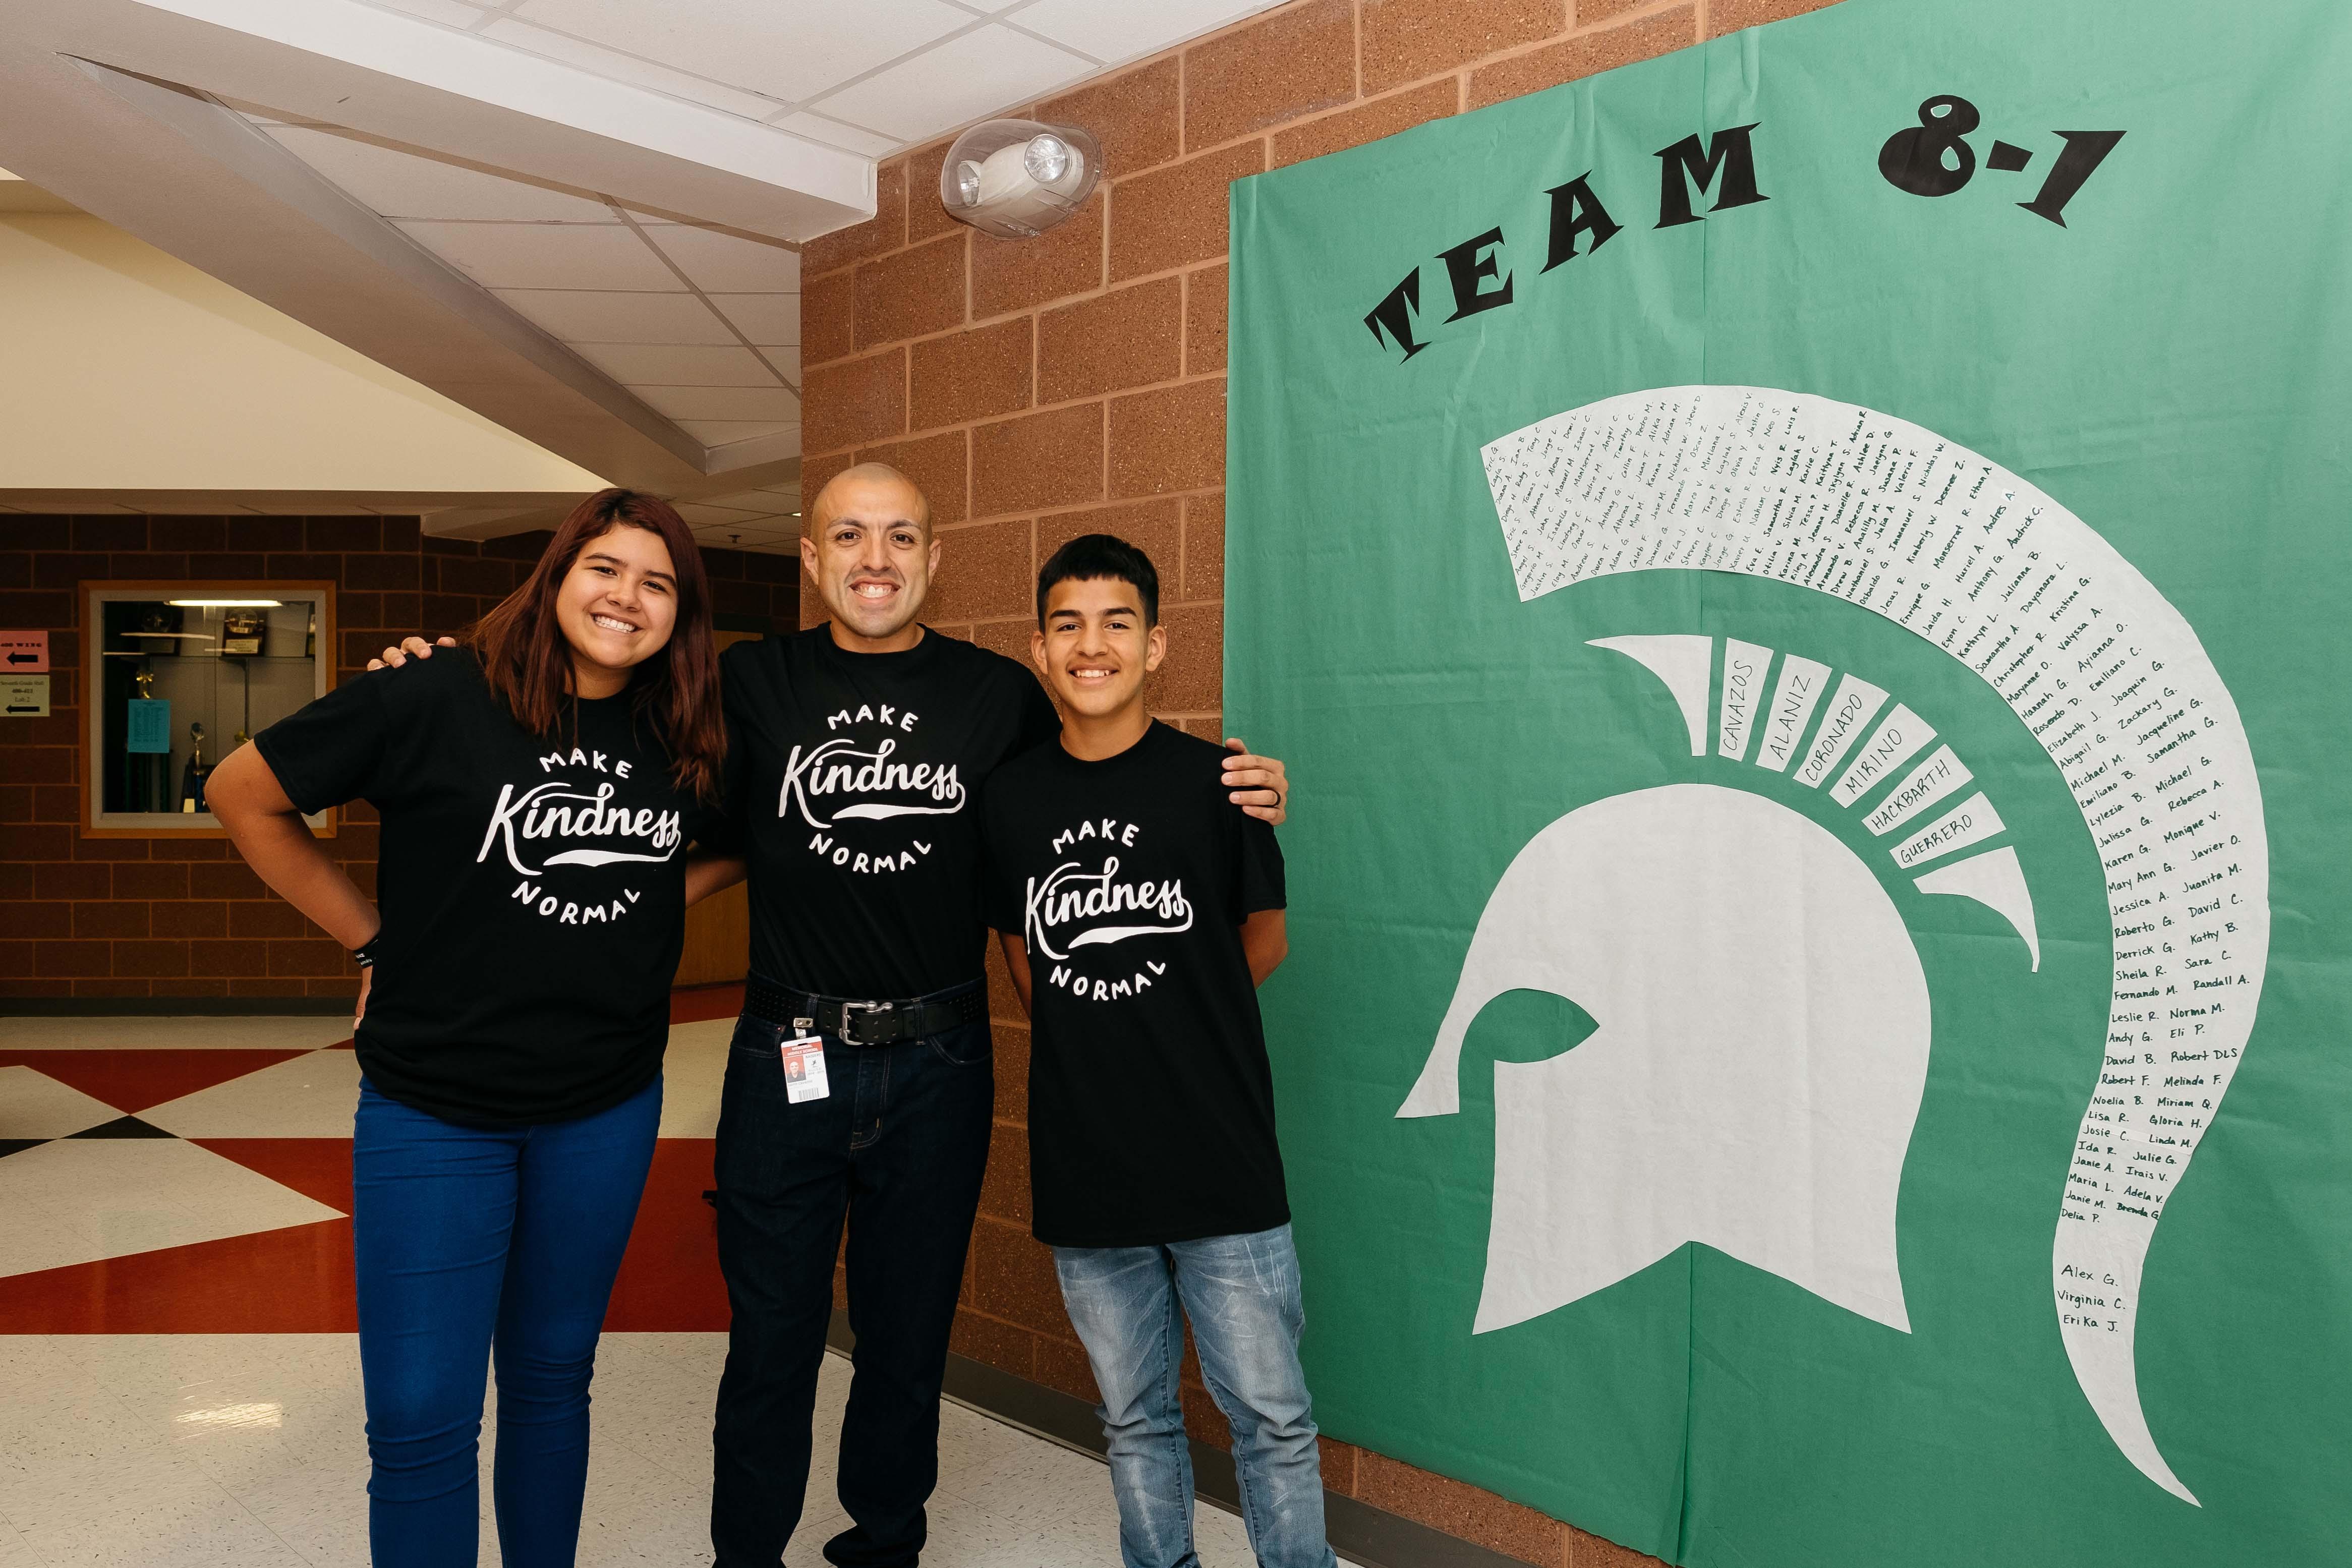 Los programas de carácter promueven amabilidad entre los alumnos de secundaria.